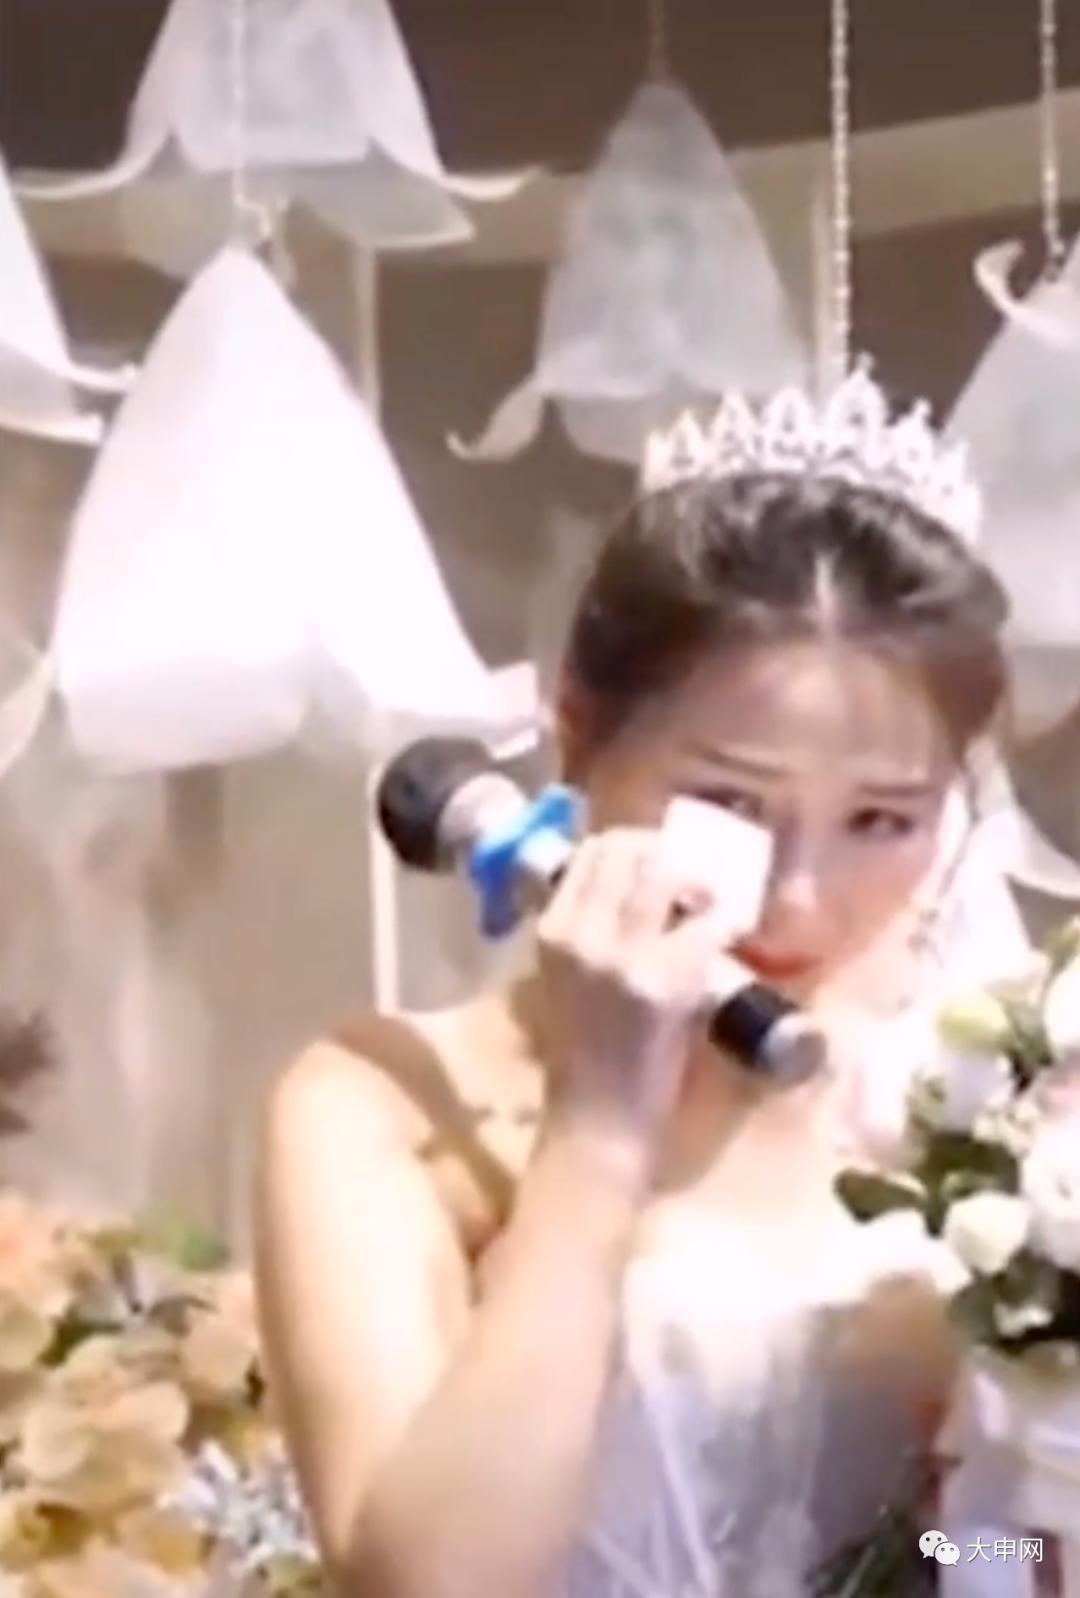 Chú rể nhận cuộc gọi khẩn cấp trước hôn lễ đẩy cô dâu vào tình huống bi hài tại sảnh cưới khiến quan khách xúc động 2